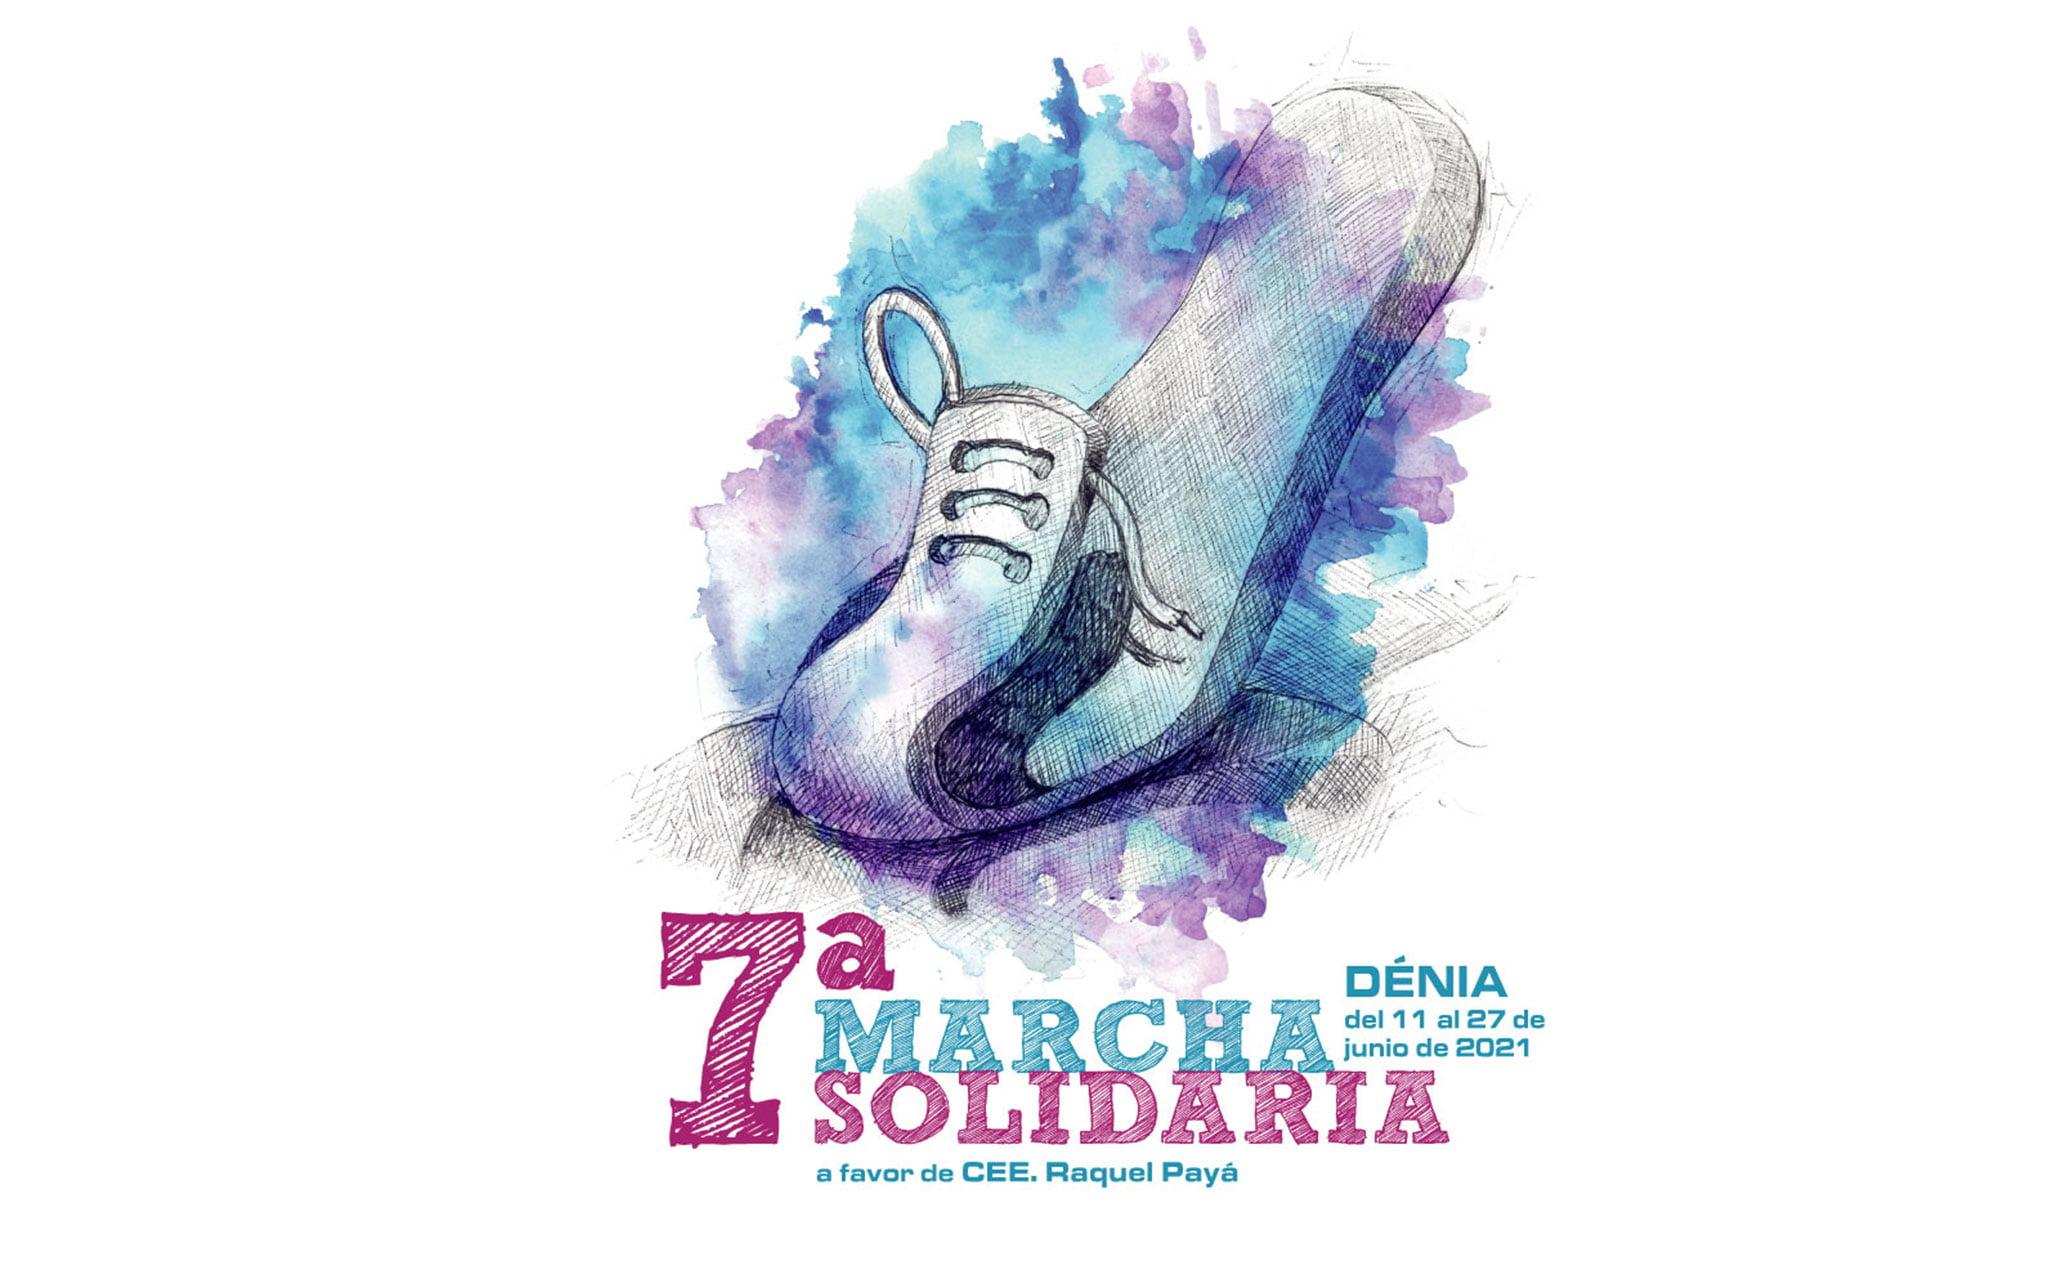 Cartel de la 7ª Marcha Solidaria en favor del CEE Raquel Payà